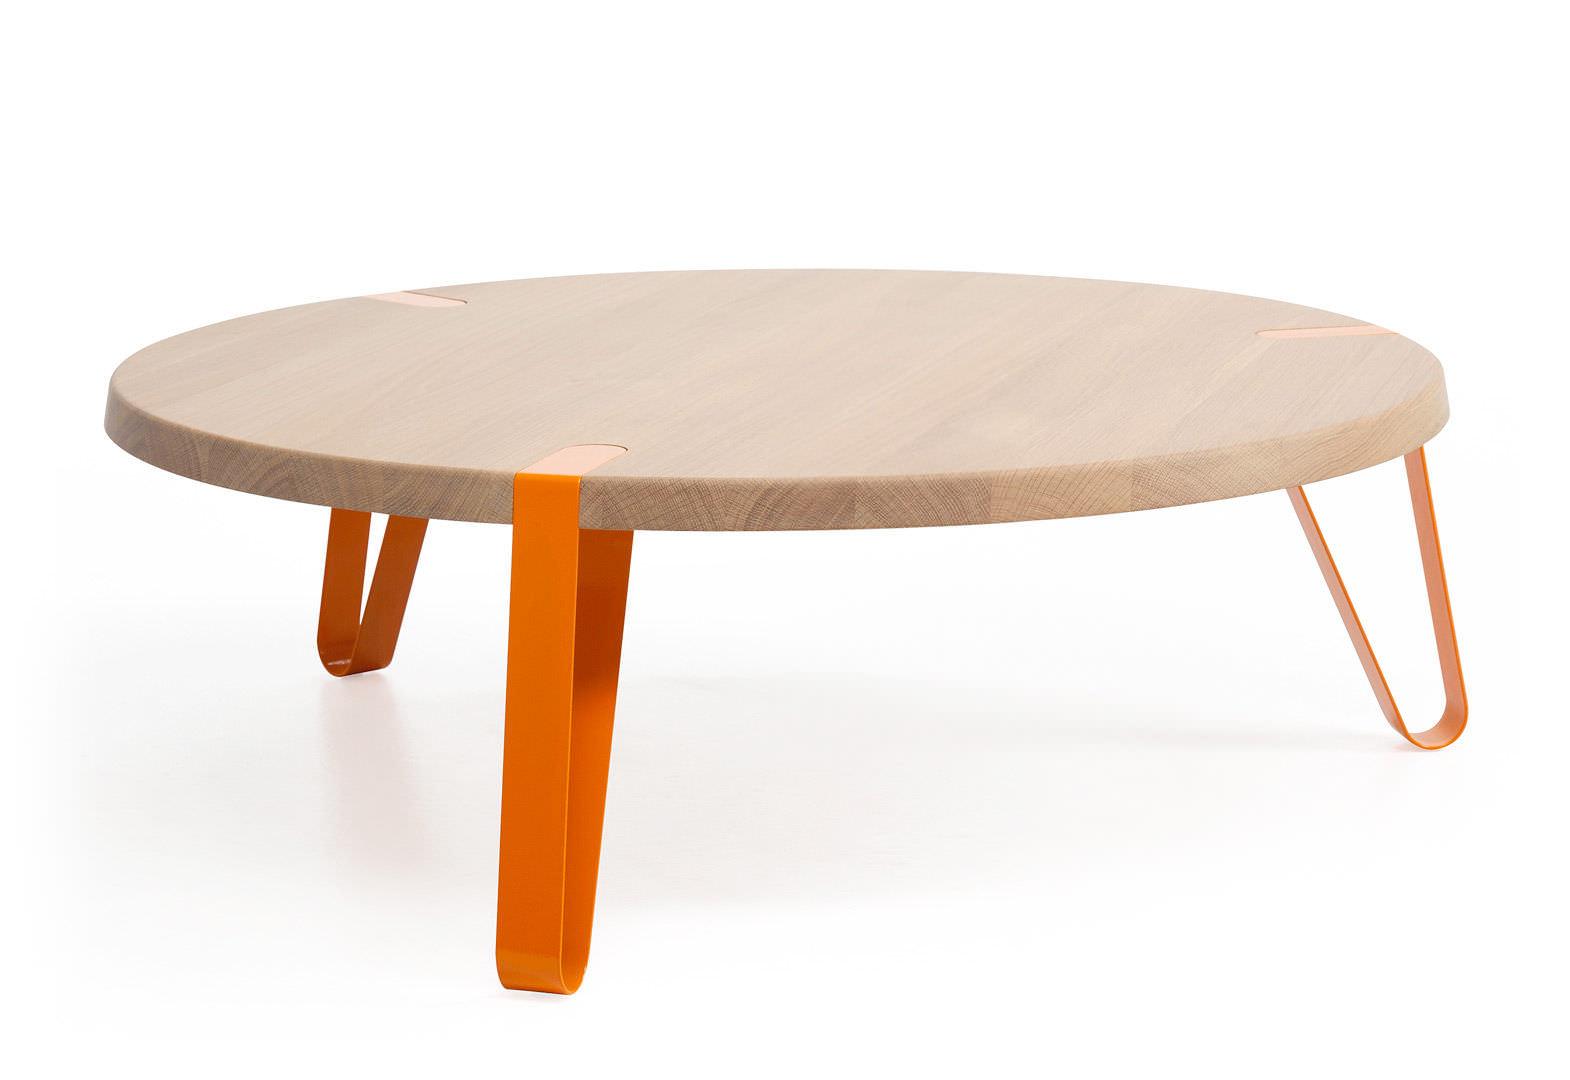 Couchtisch / modern / Holz / rund - LEVEL by Erik Remmers - Odesi ...